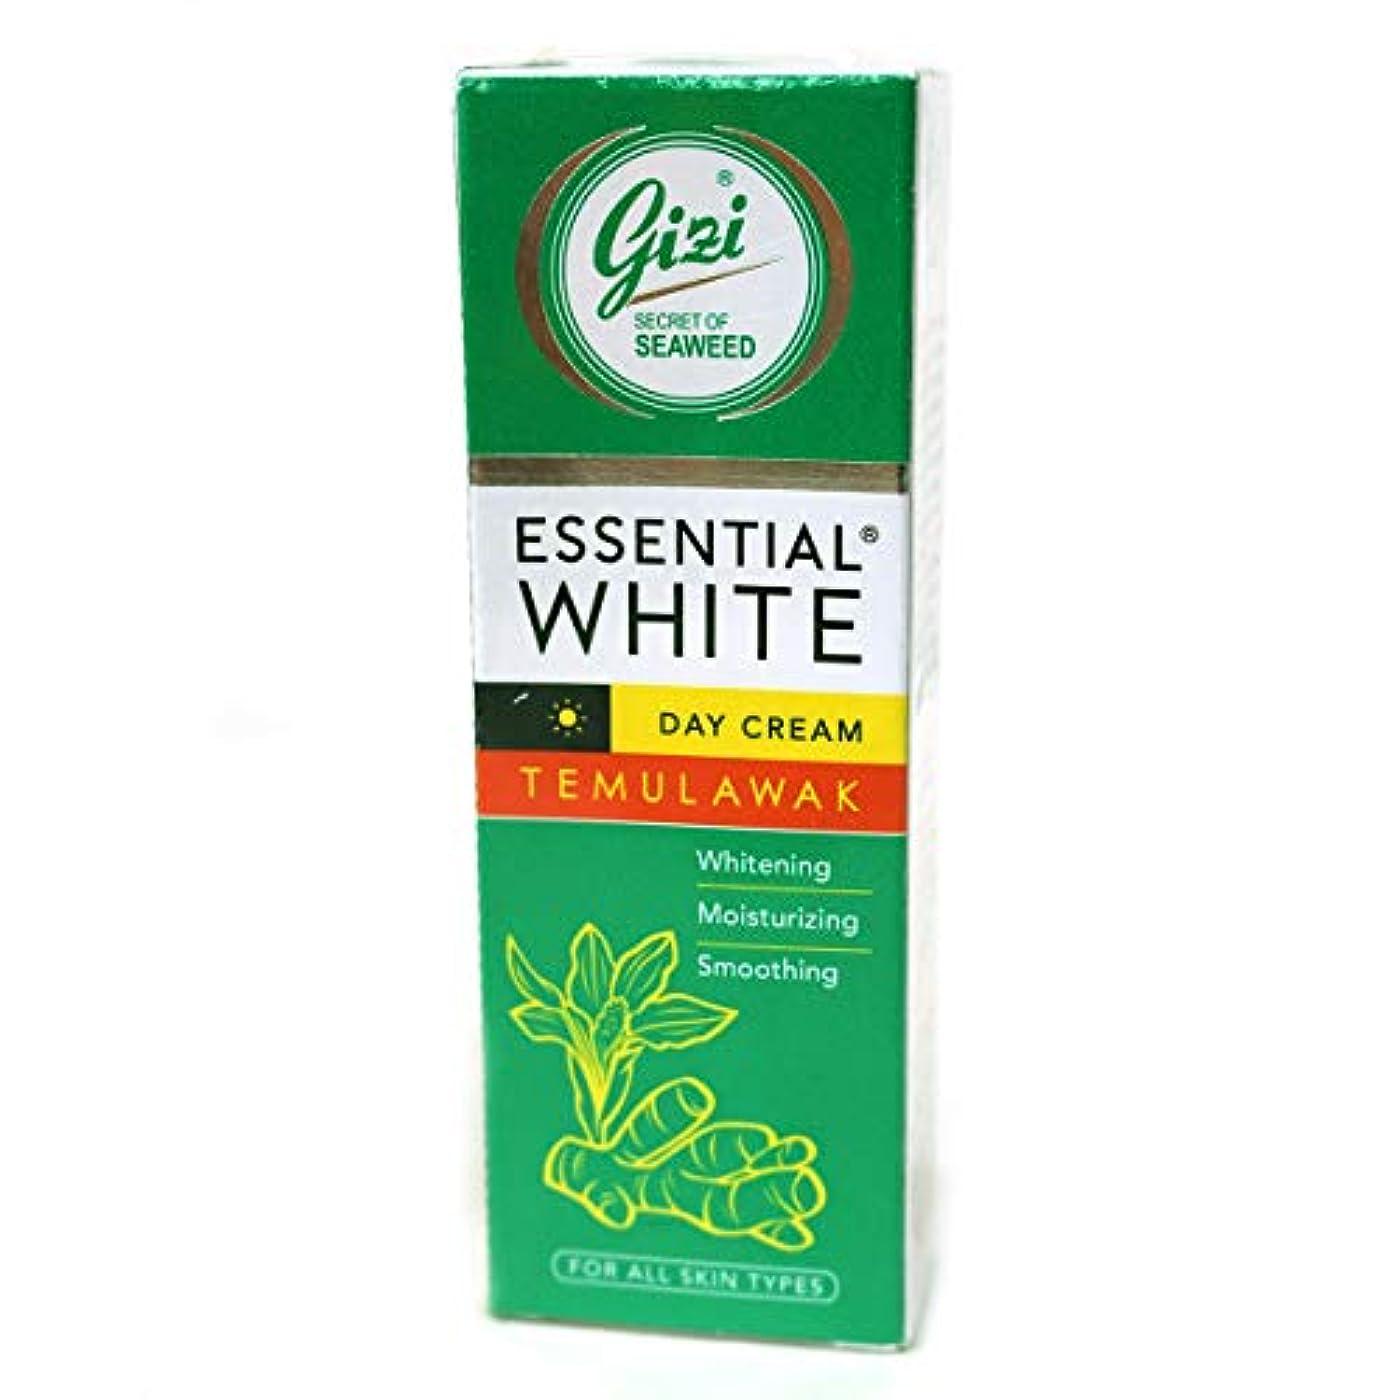 ビジョンばかげた側面ギジ gizi Essential White 日中用スキンケアクリーム チューブタイプ 18g テムラワク ウコン など天然成分配合 [海外直送品]